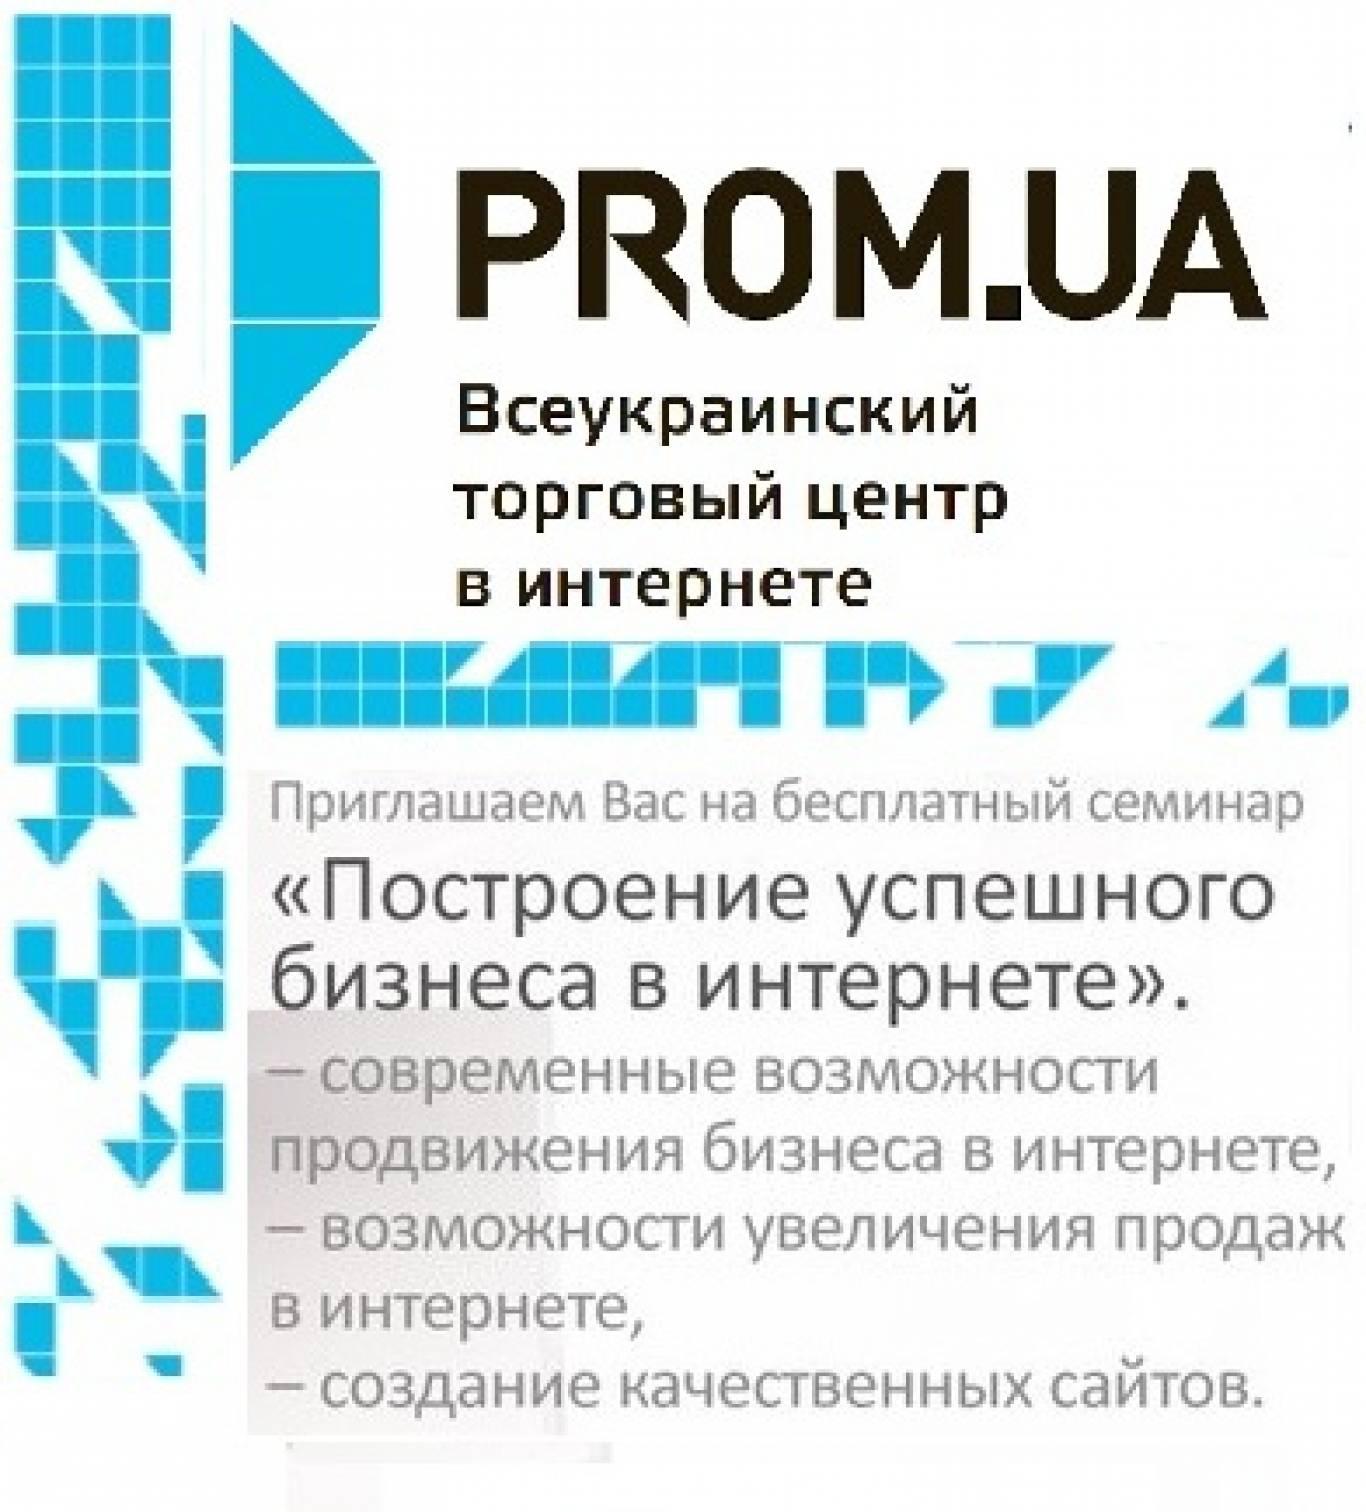 Семінар від  Prom.ua «Побудова успішного бізнесу в інтернеті»